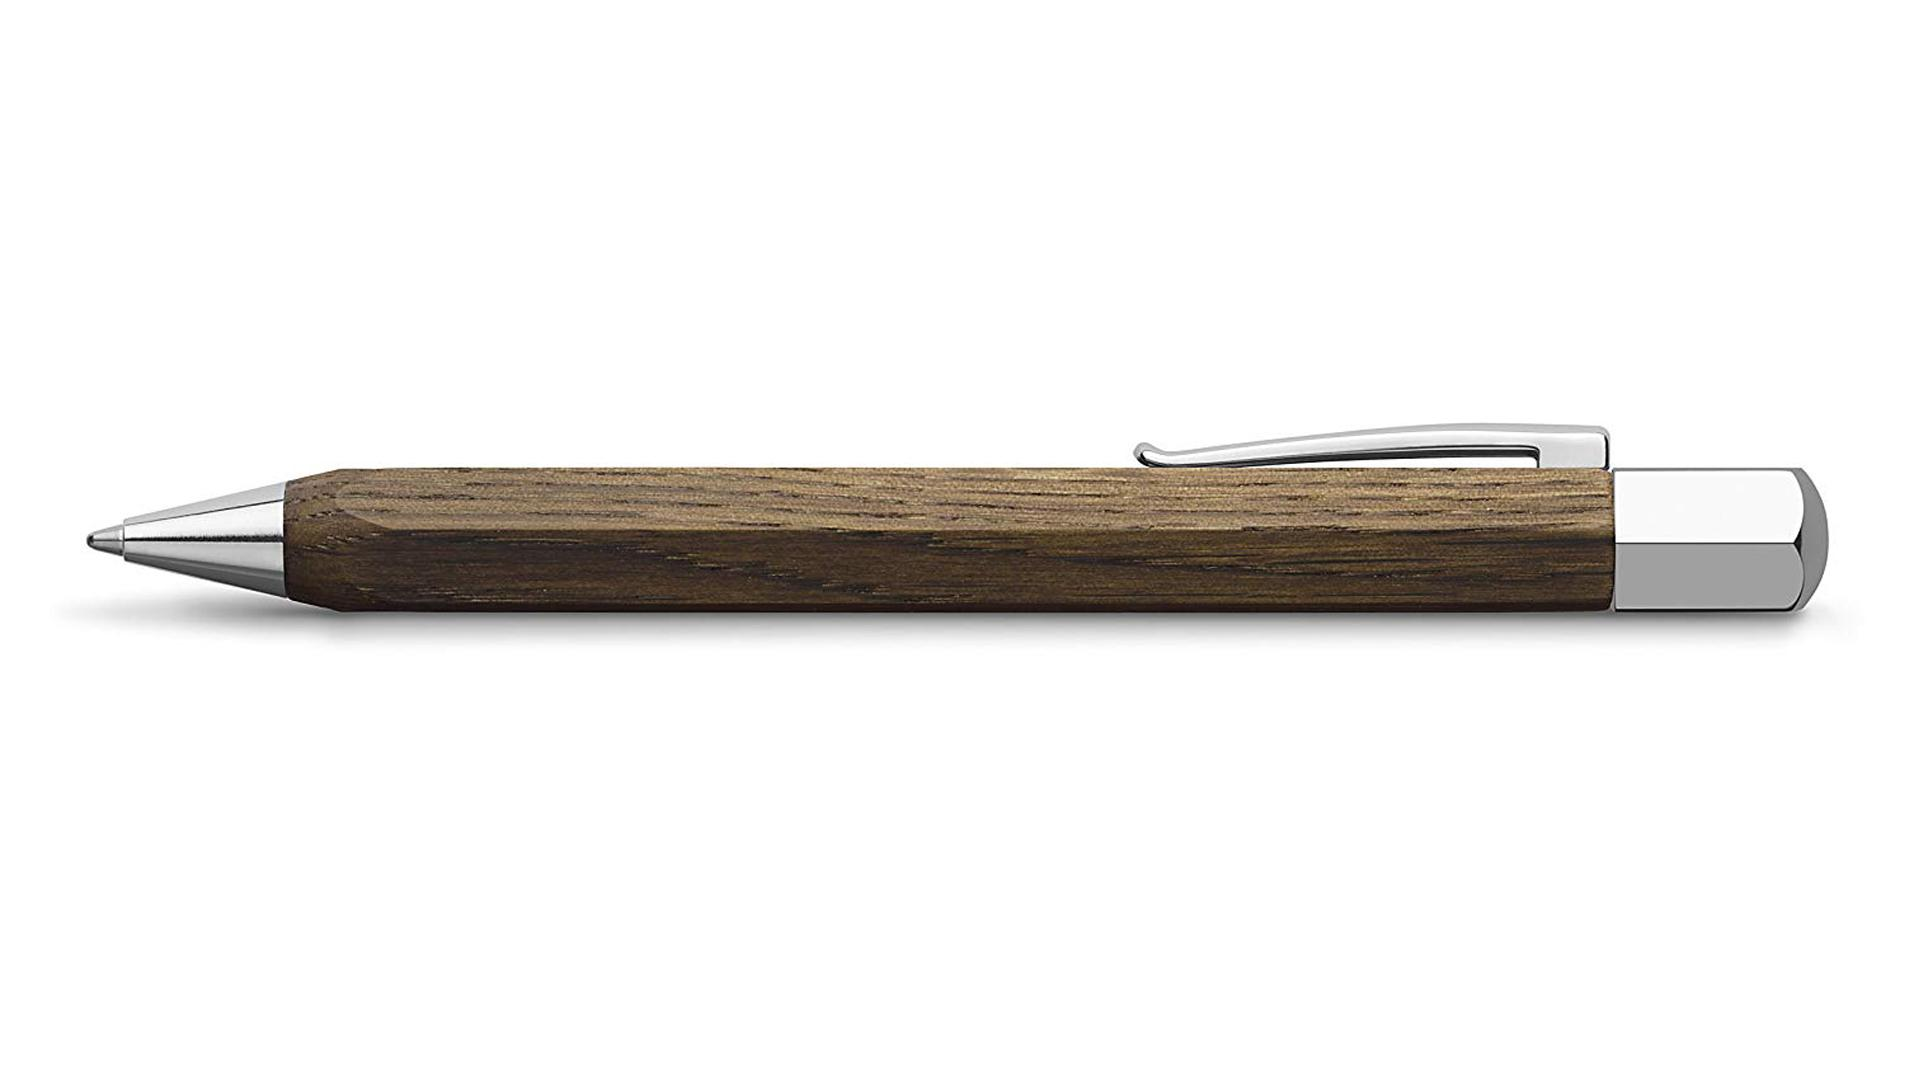 Faber-Castell Ondoro Twist Ballpoint Pen